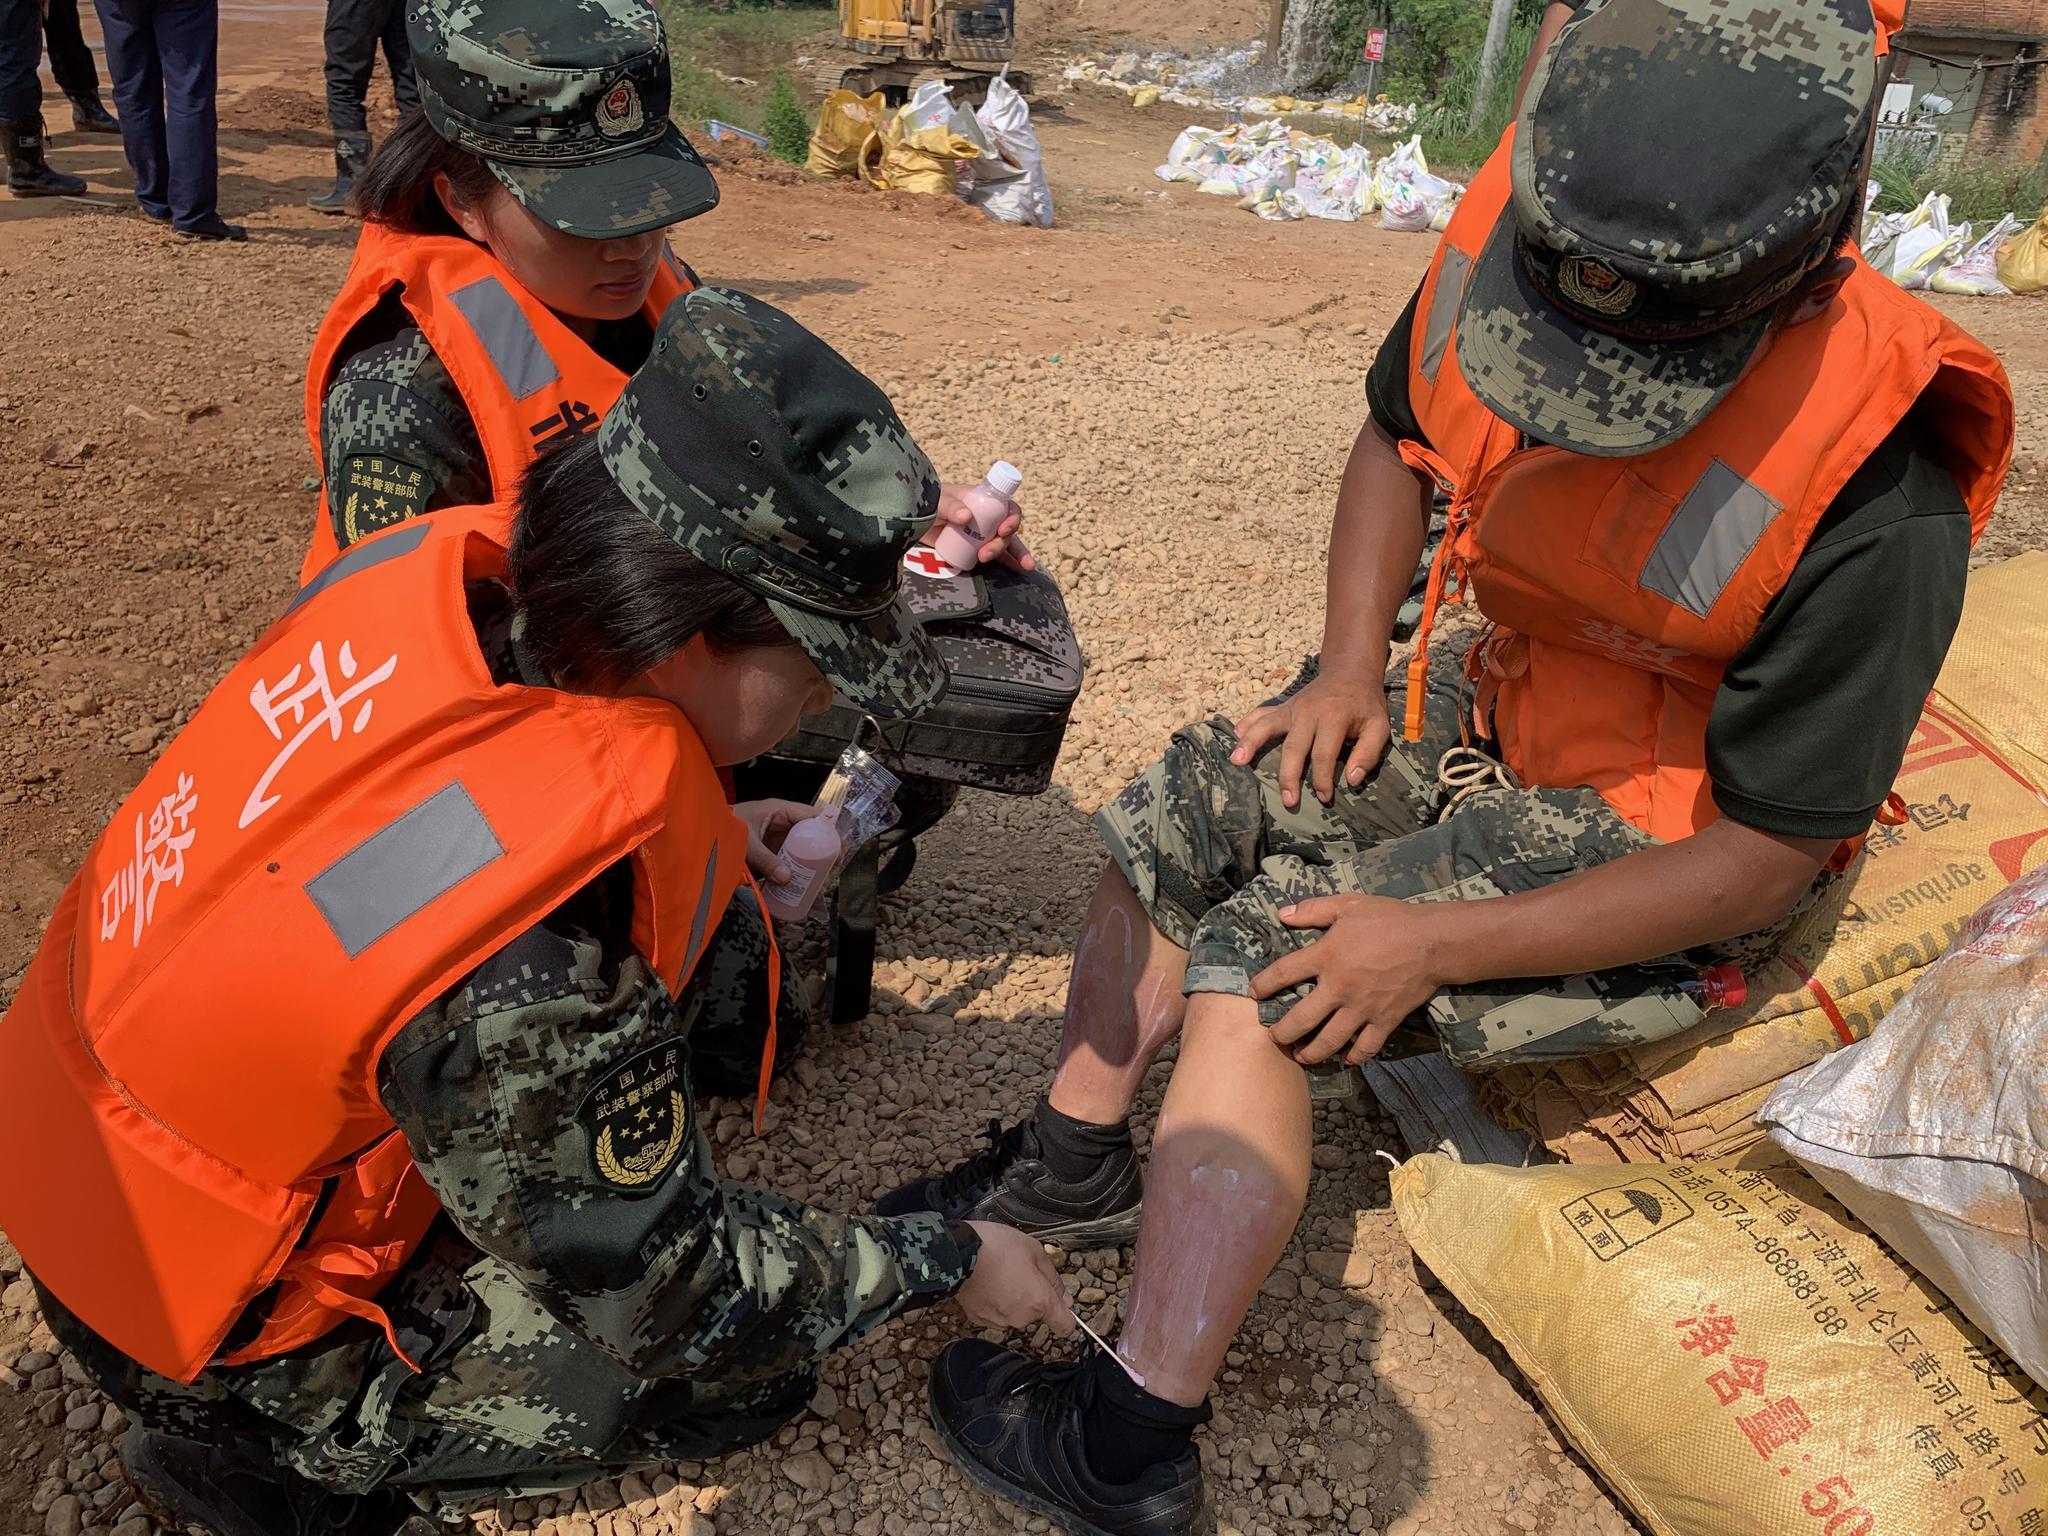 「杏悦」阳堤坝上的武警官兵暴晒杏悦和高强度劳动致晒图片